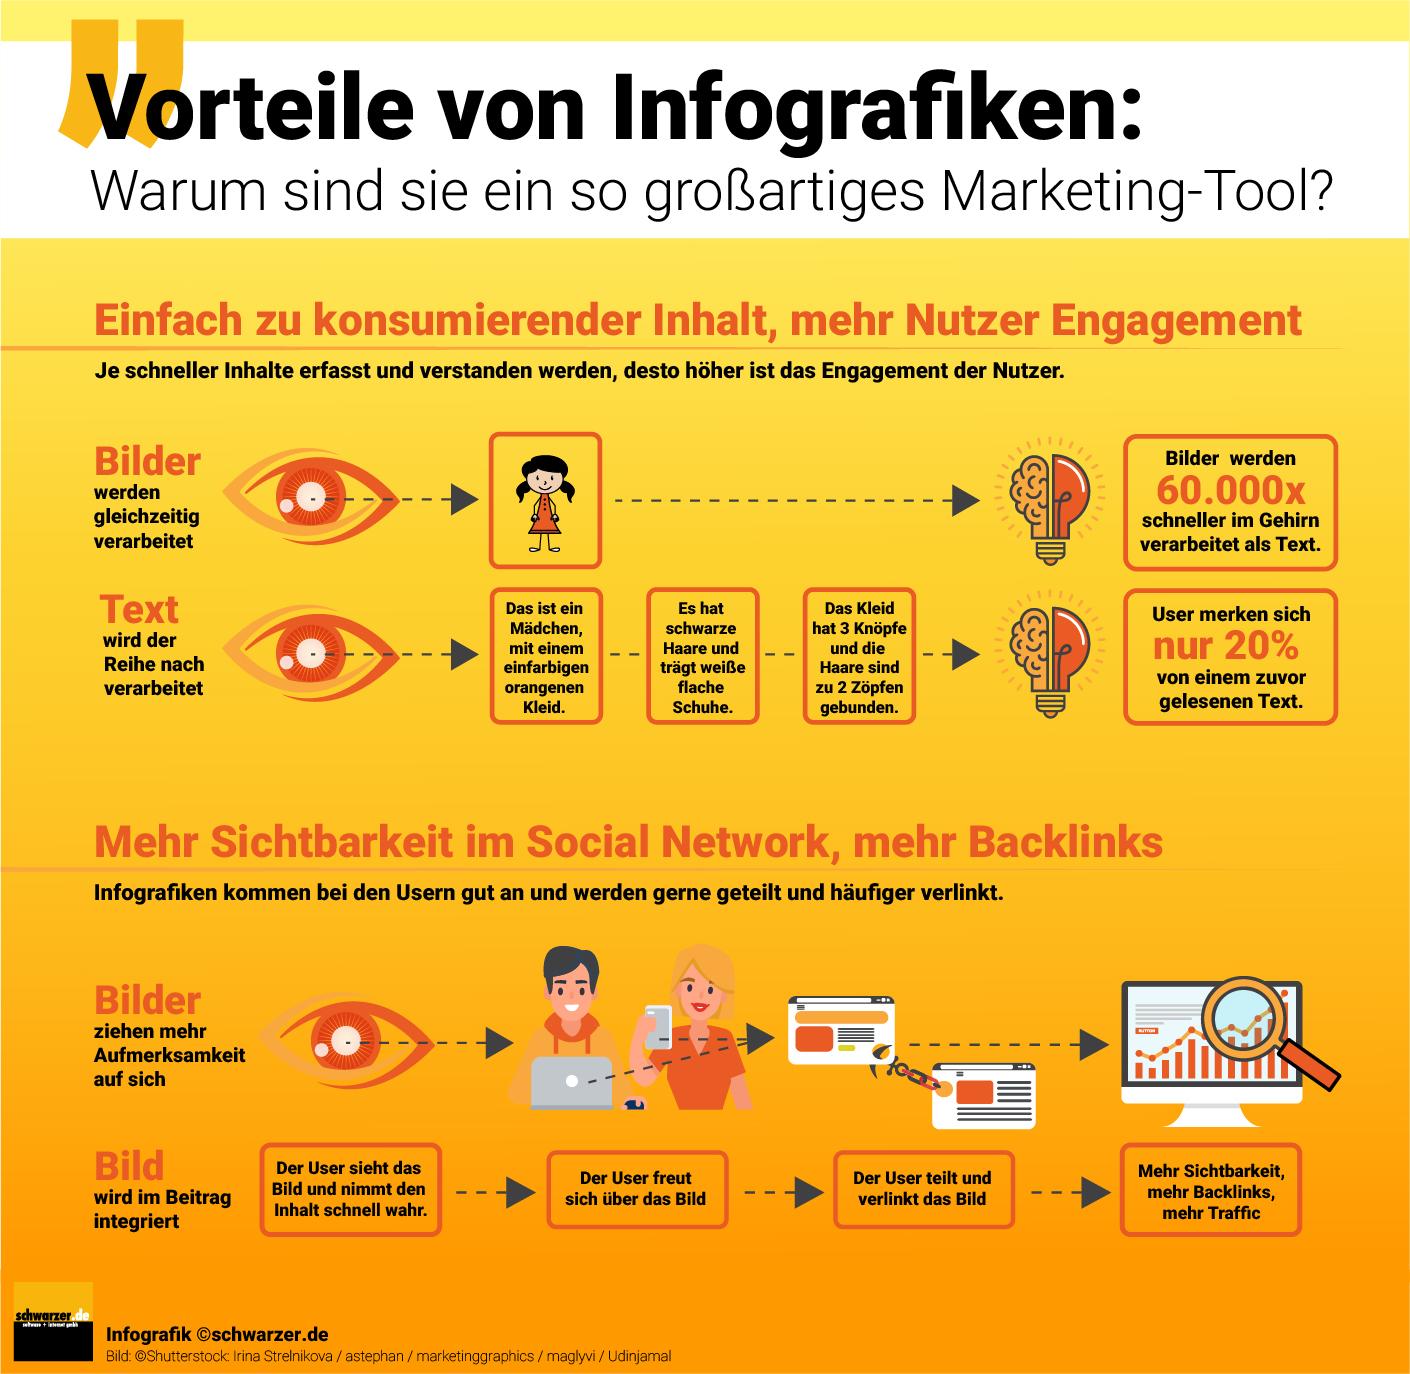 Infografik: Vorteile von Infografiken